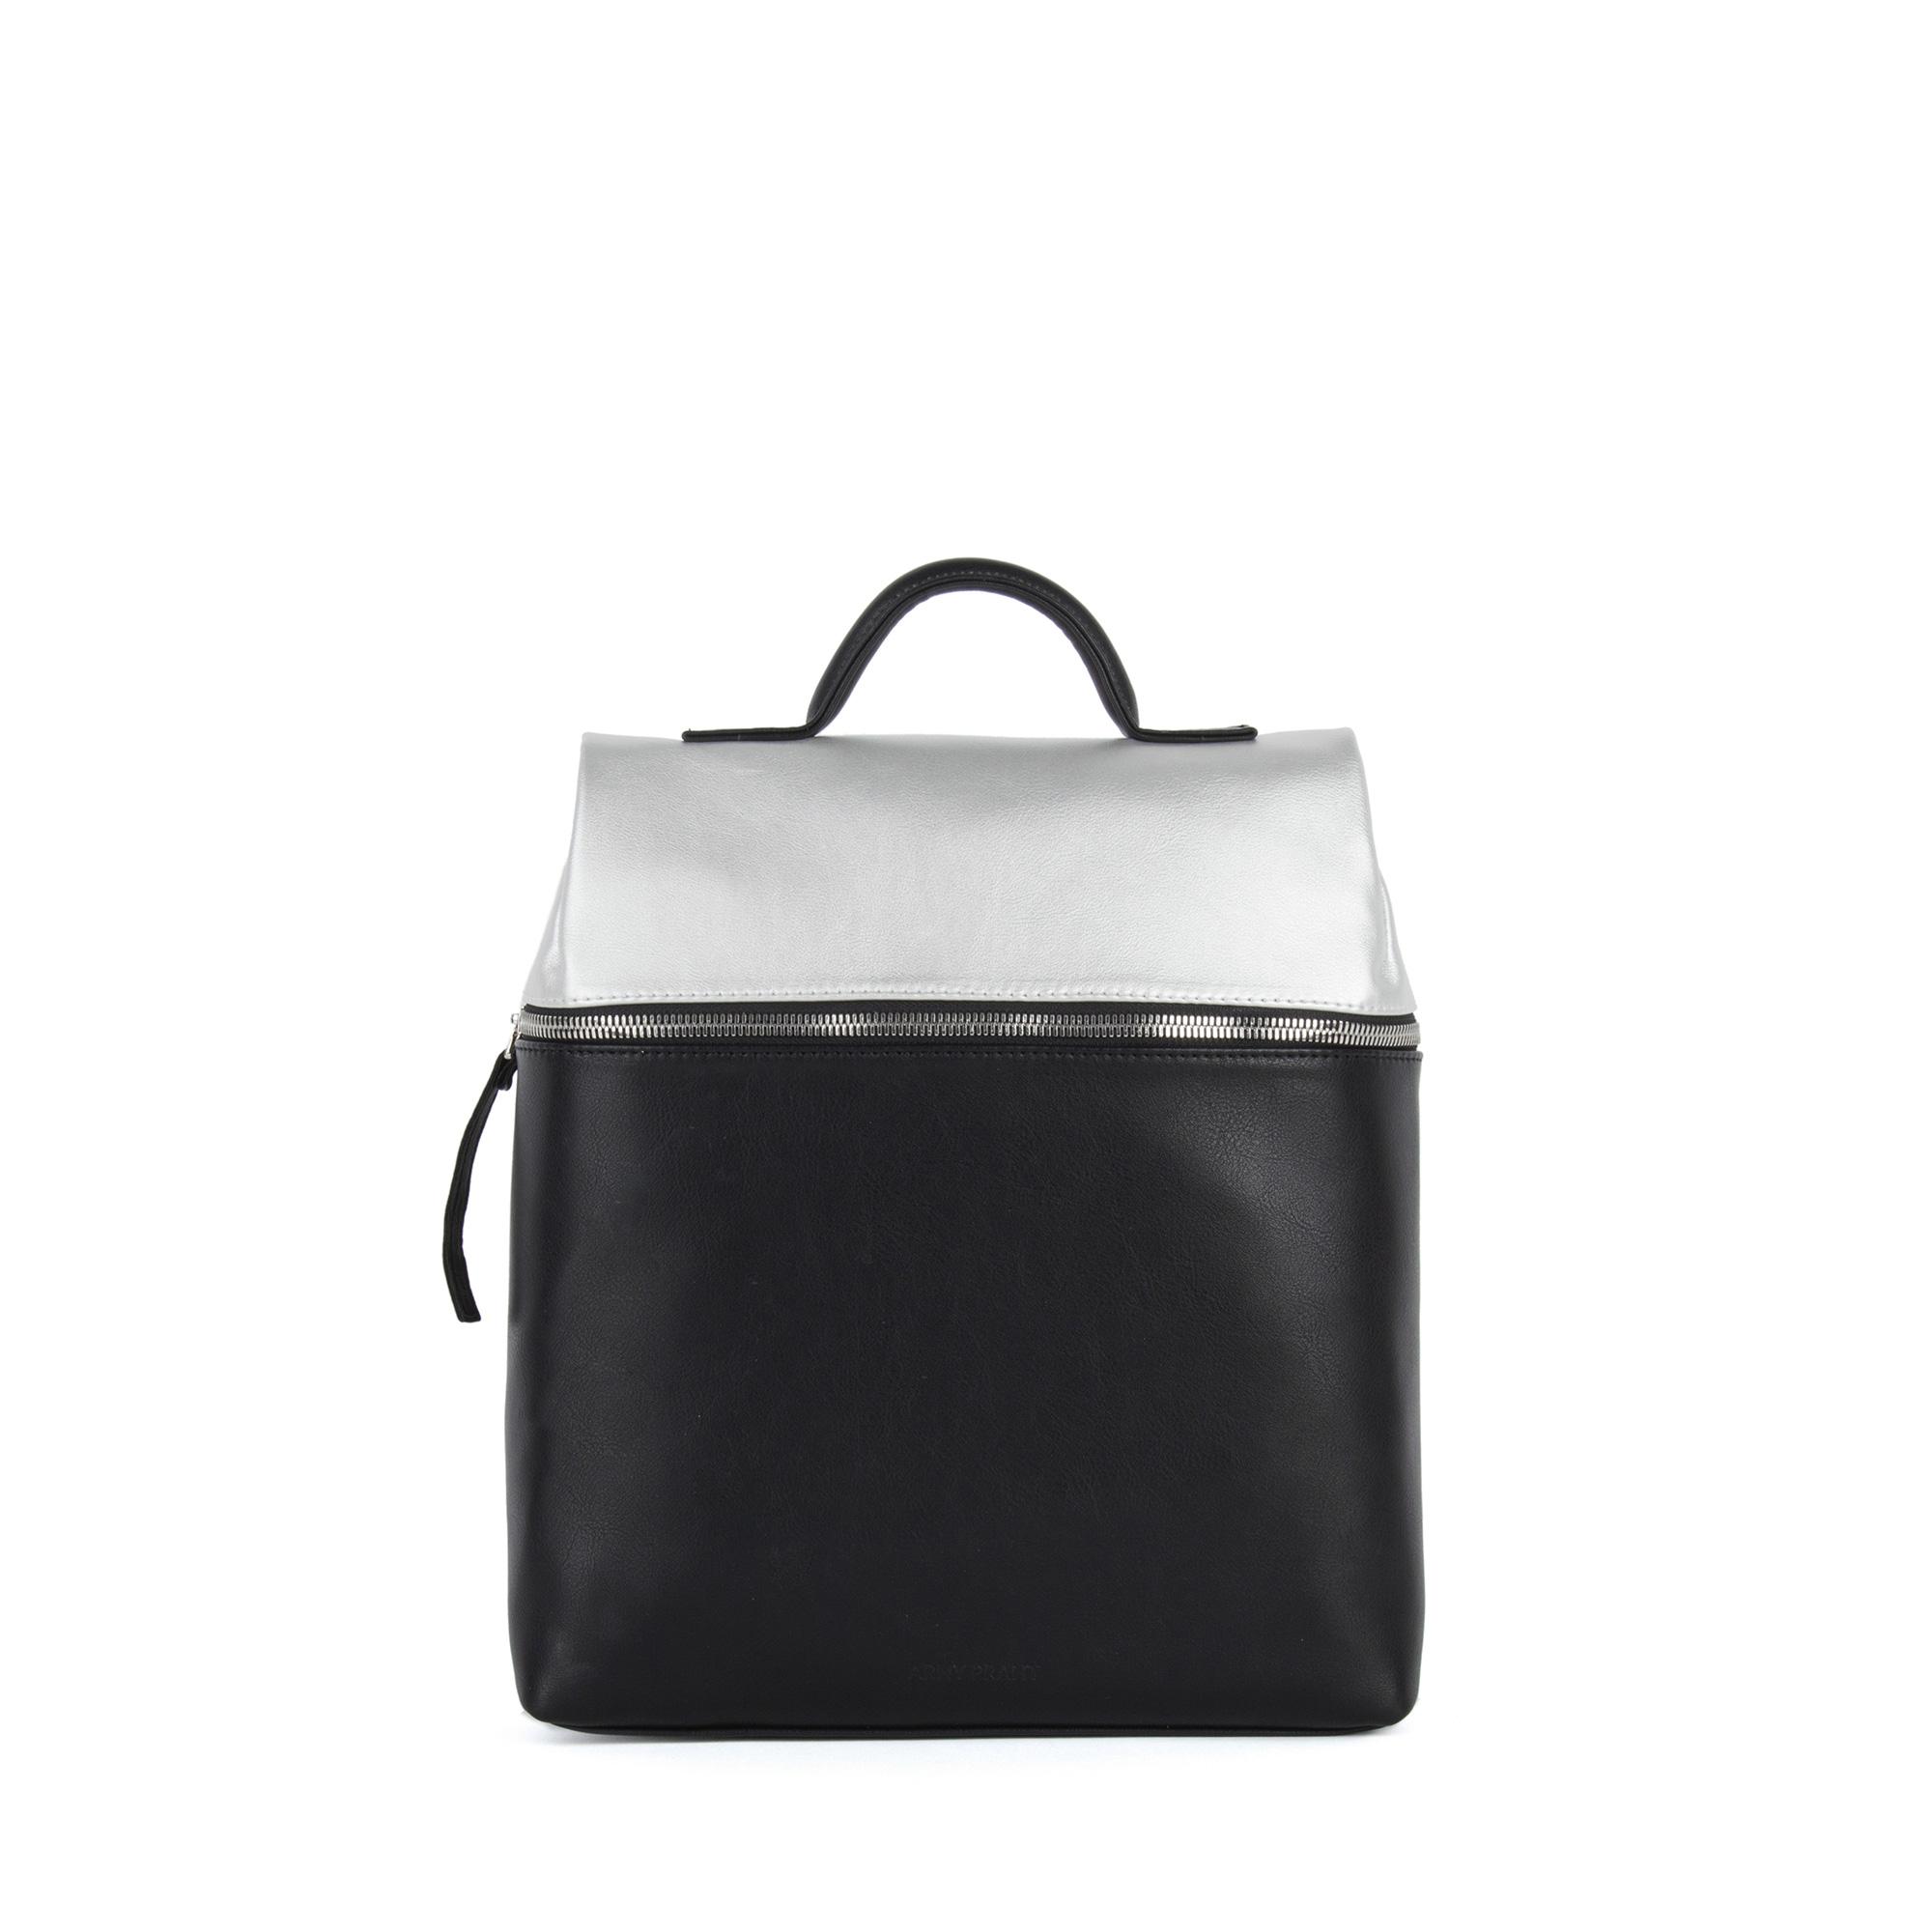 0c18ad5879ce Сумка-рюкзак трансформер женская Levin S черный-серебро - Интернет-магазин  ARNY PRAHT